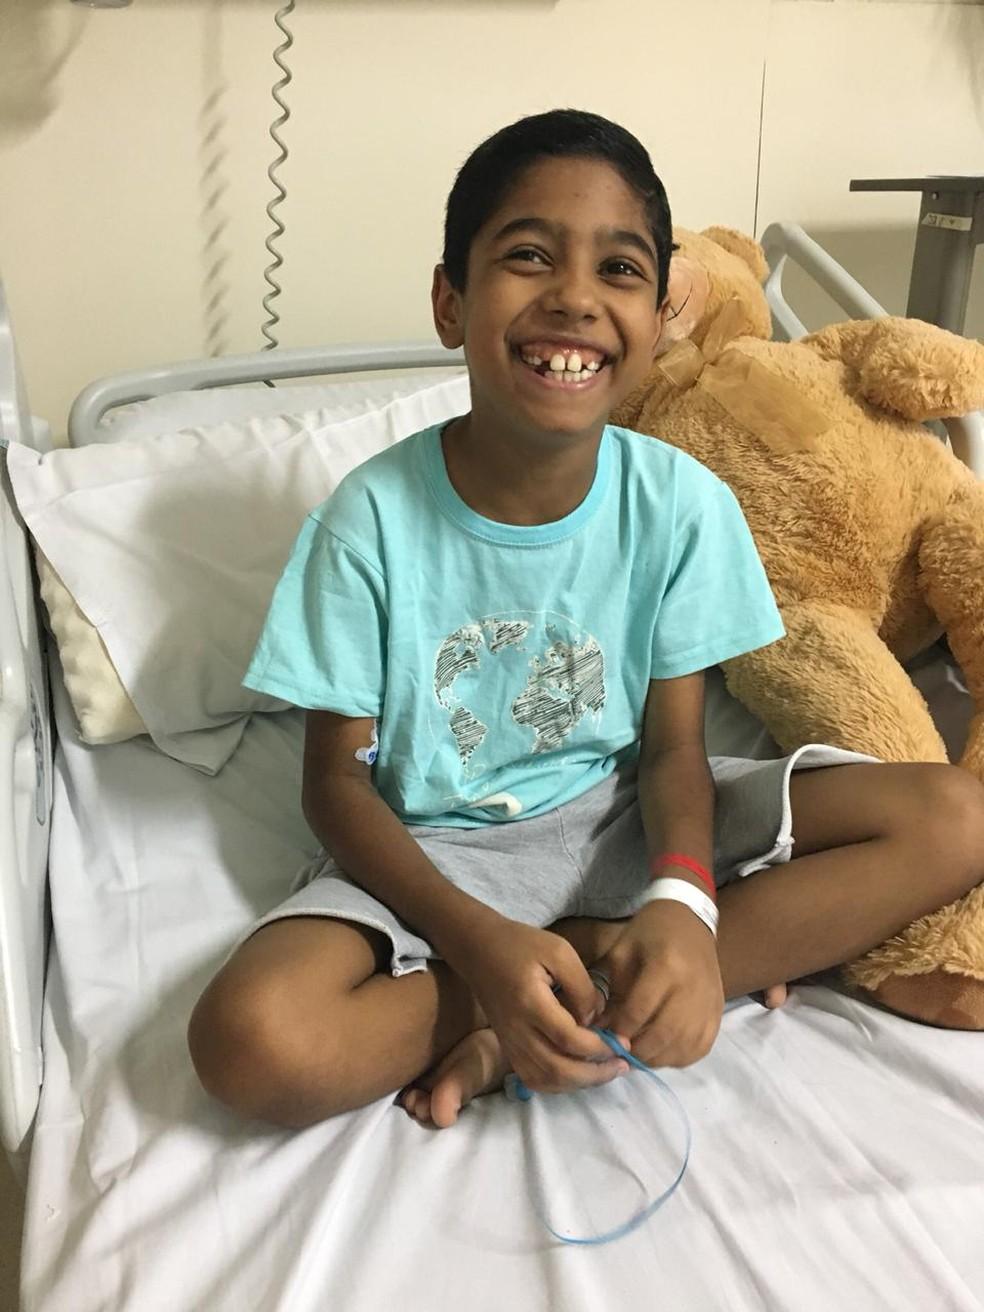 Enzo passou por dois hospitais até receber diagnóstico de doença rara — Foto: Shirley Miranda Cordeio/ Arquivo Pessoal